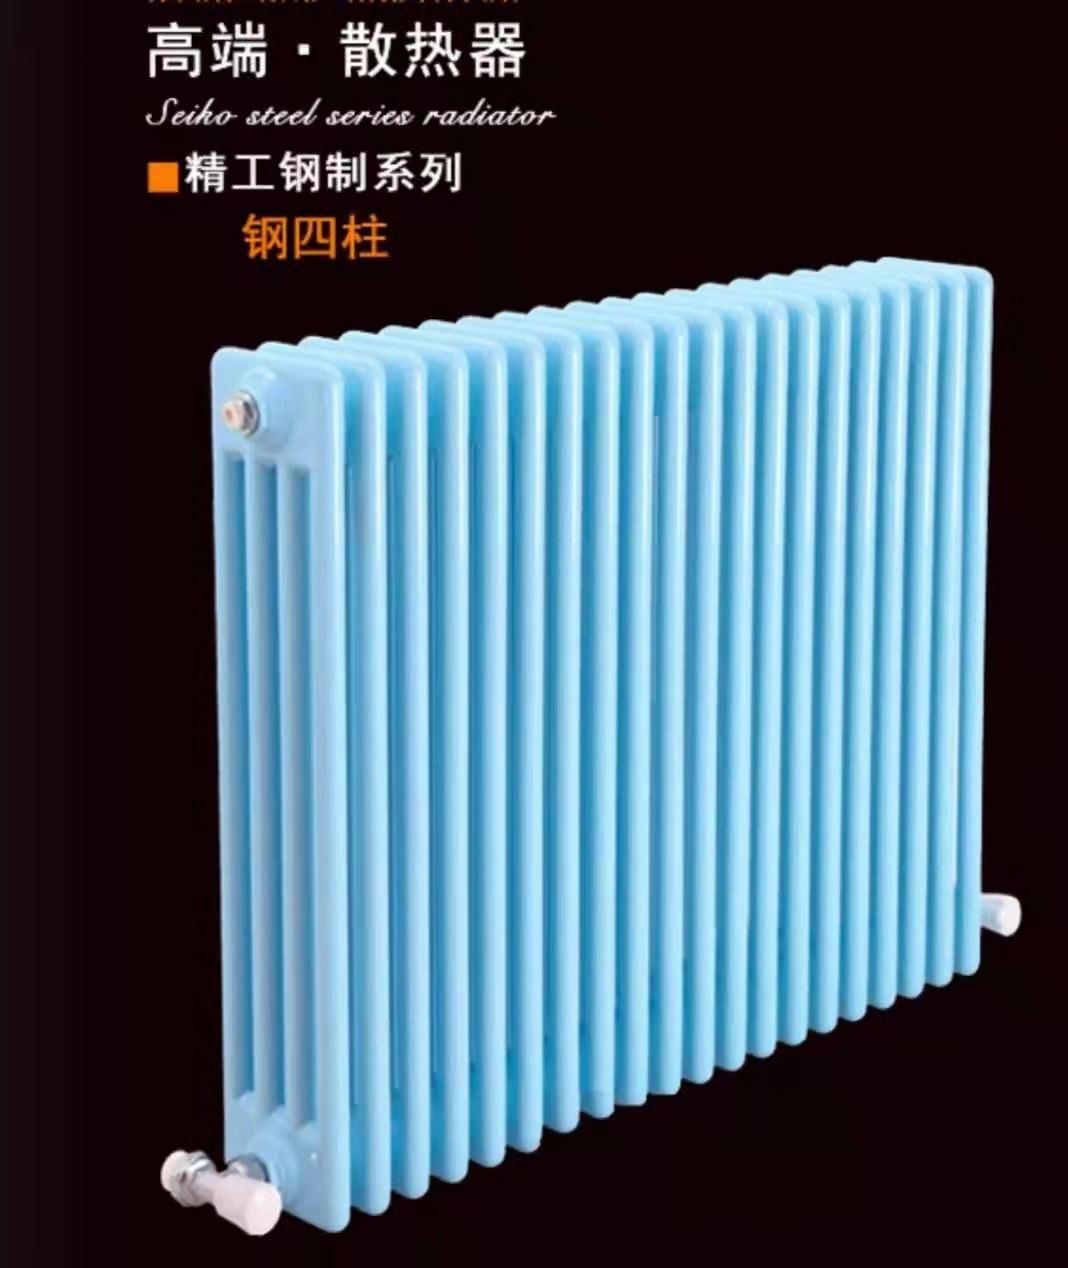 逊克县钢三柱暖气片咨询热线